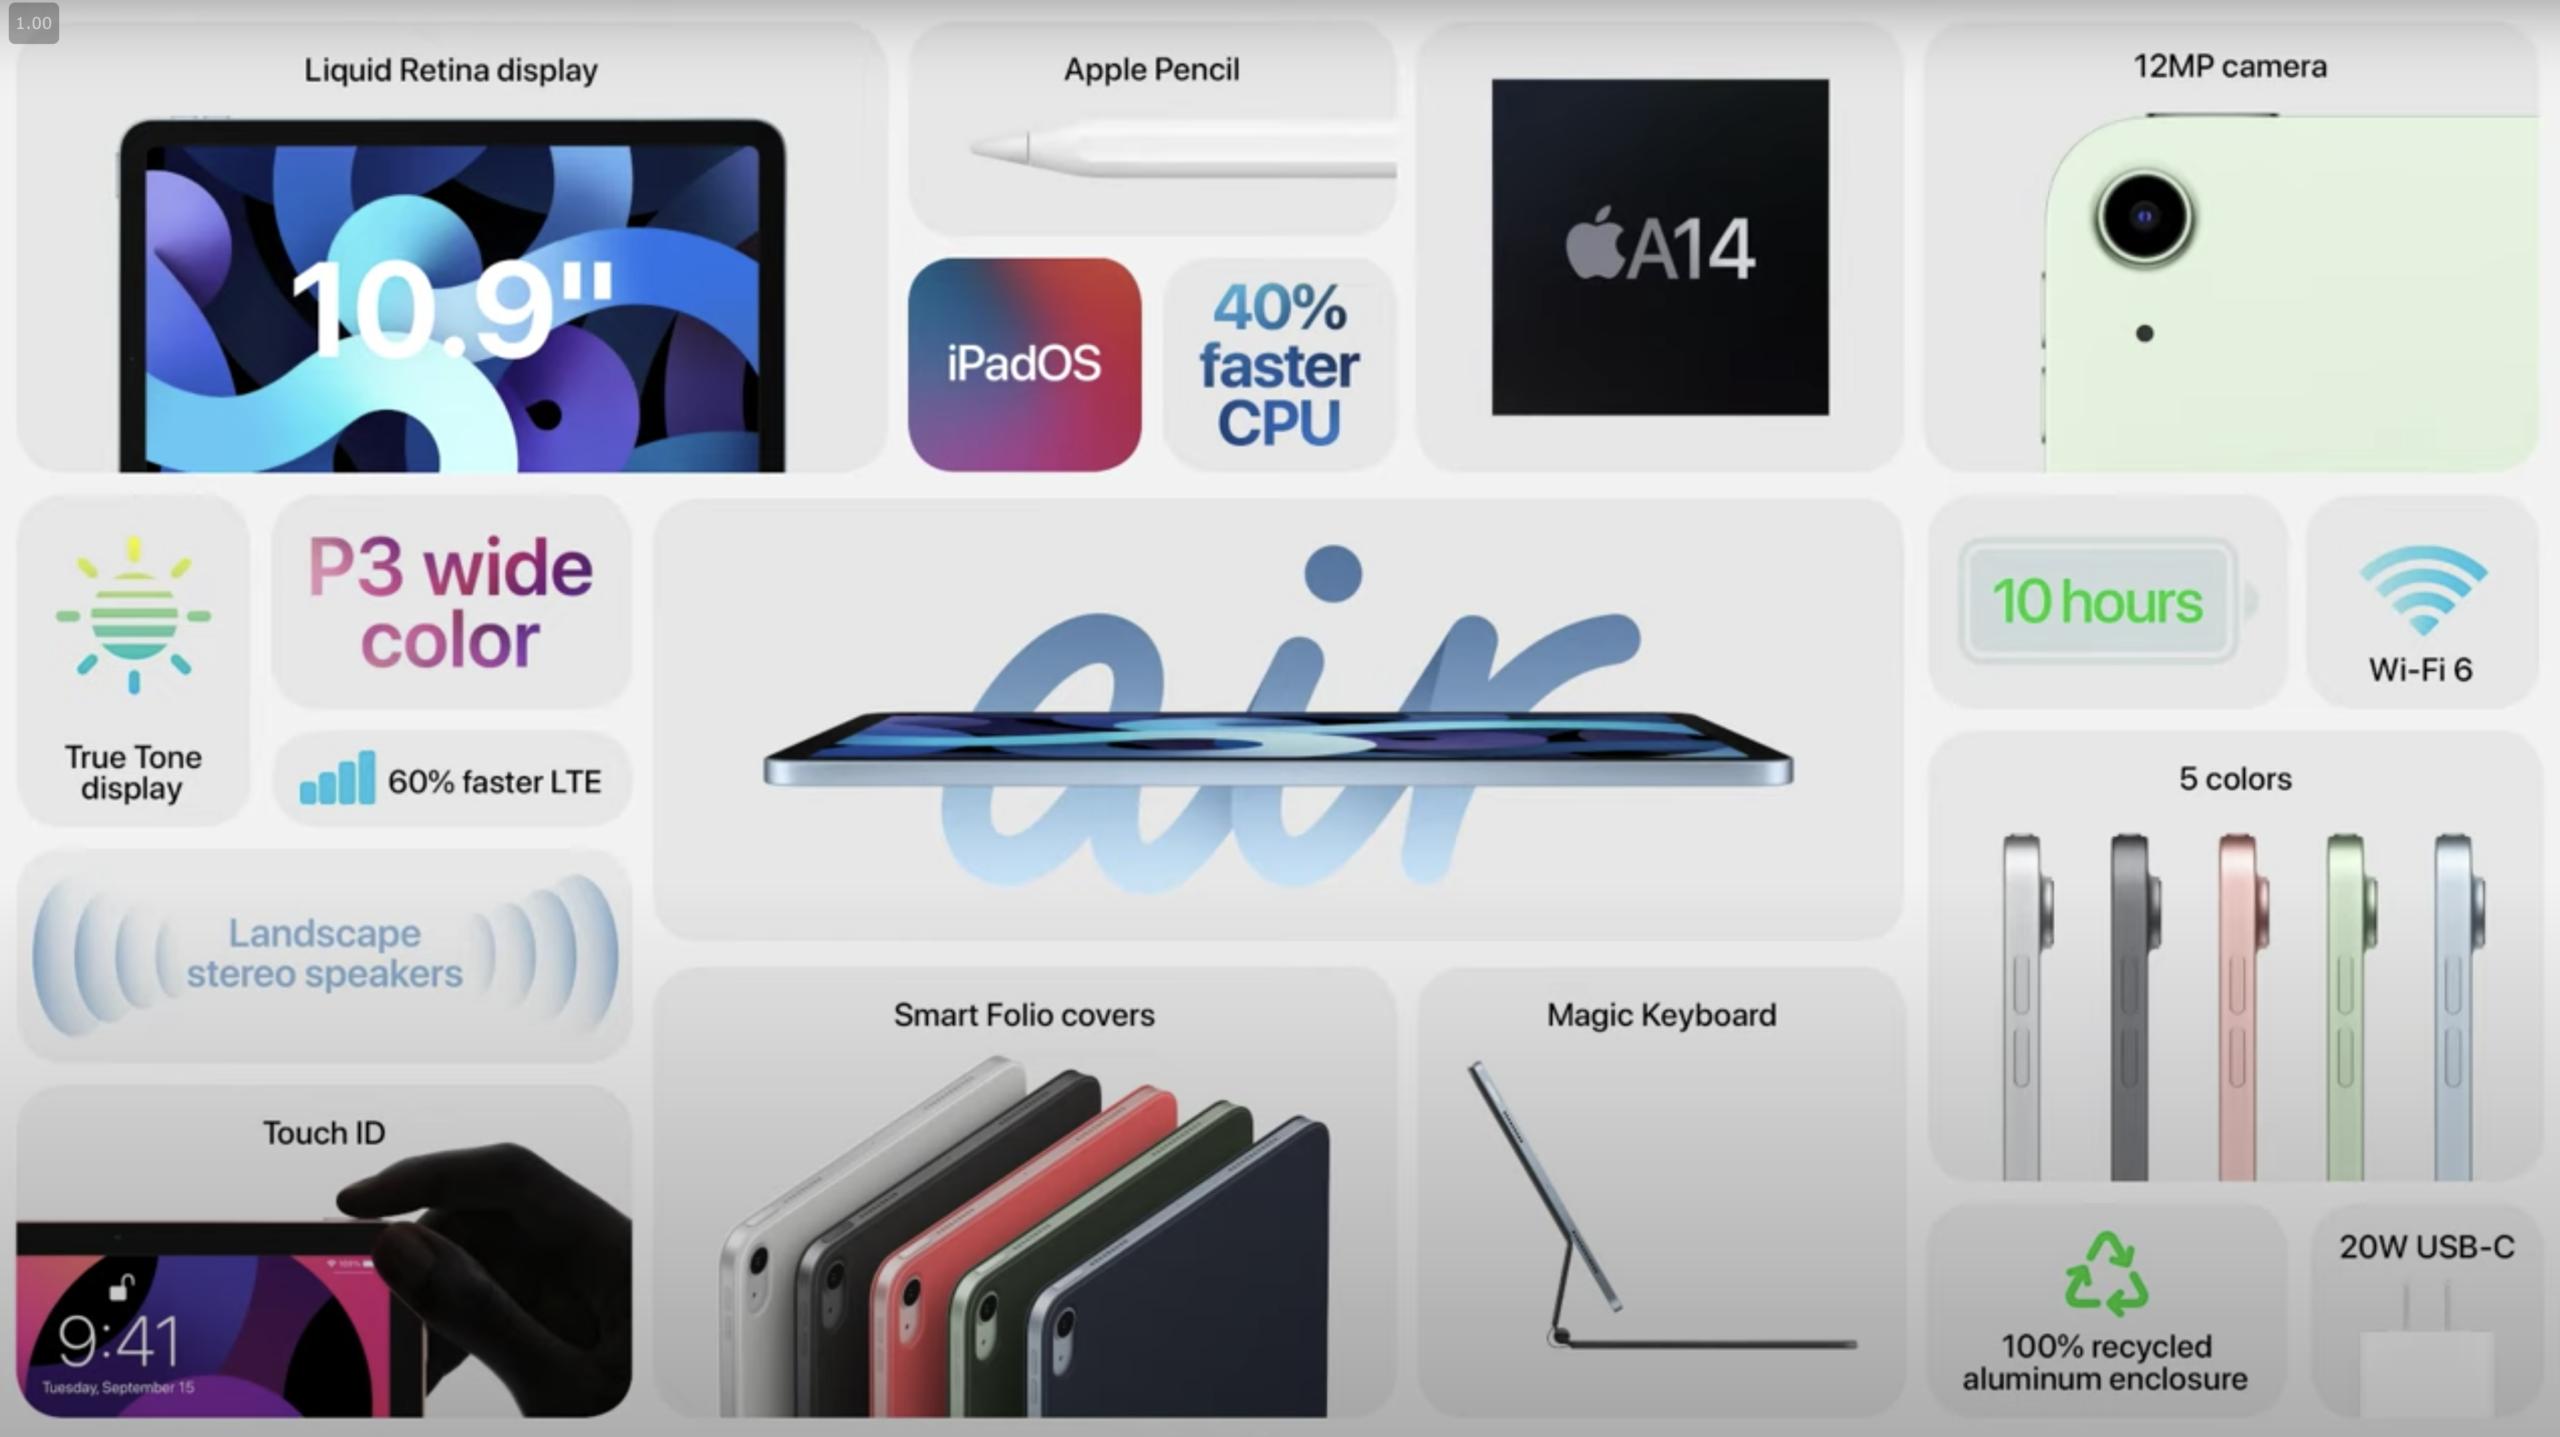 新型iPad Air 4の発売日はいつ?価格・スペックまとめ ケース・キーボードなどのアクセサリも紹介